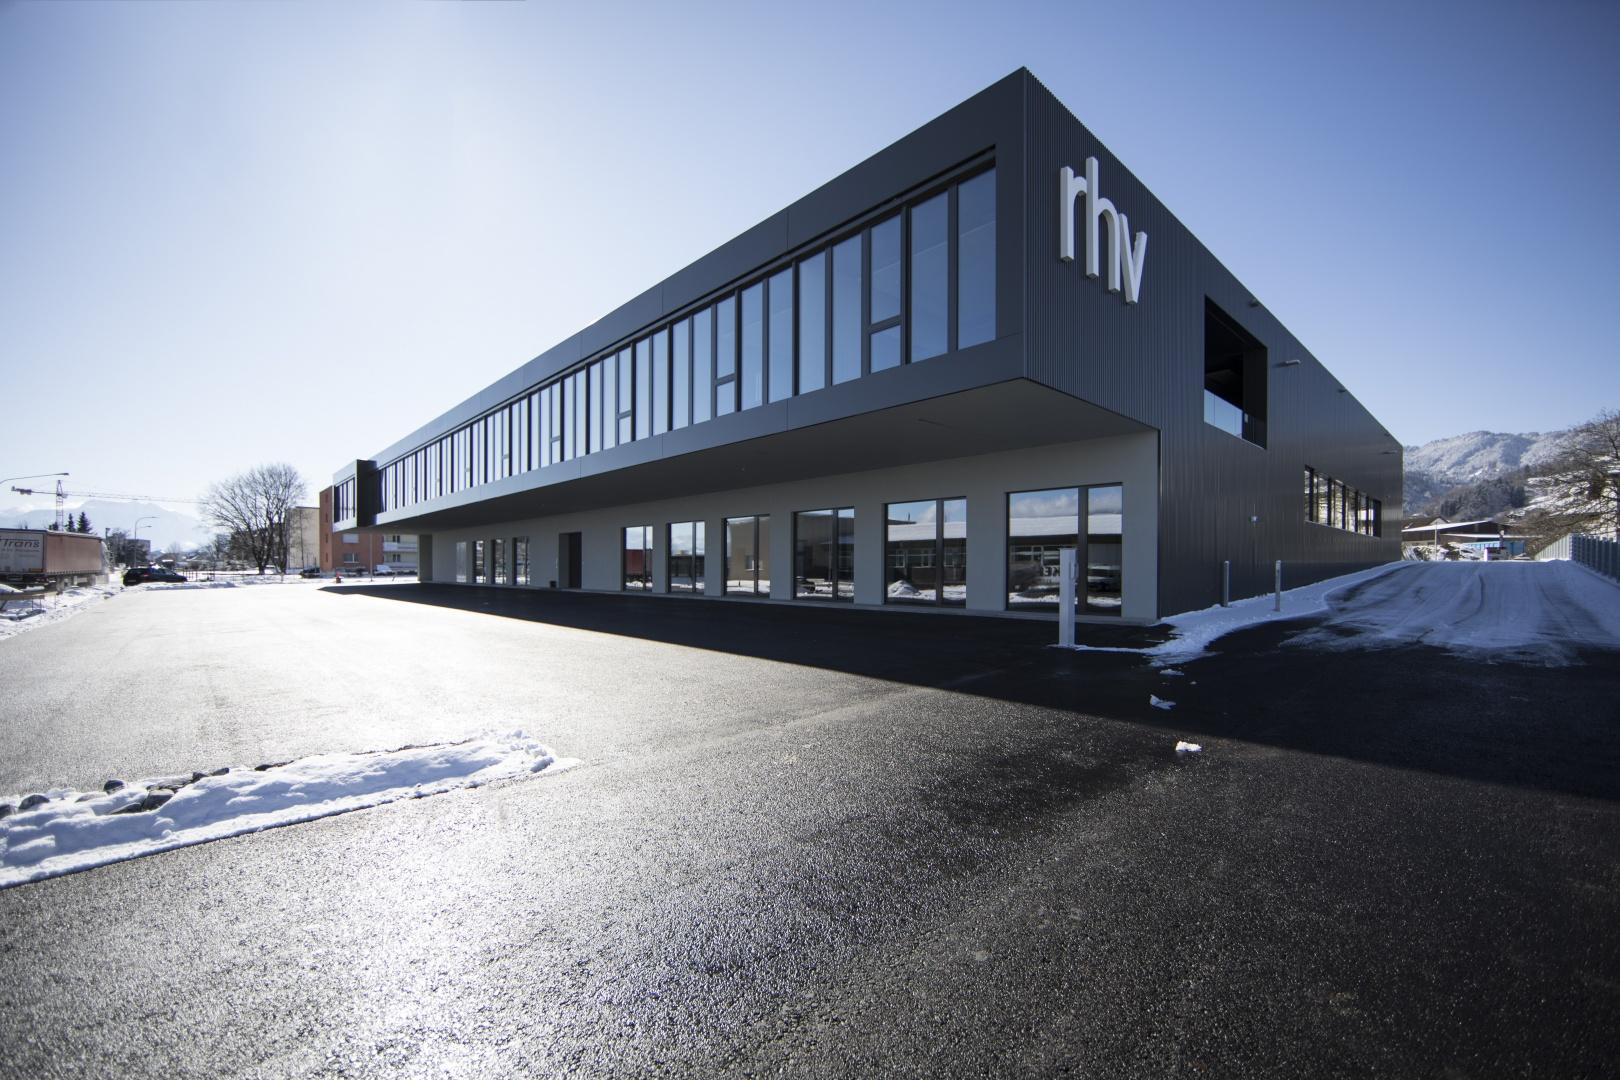 Seitenansicht Firmensitz RhV © Michael Fenk